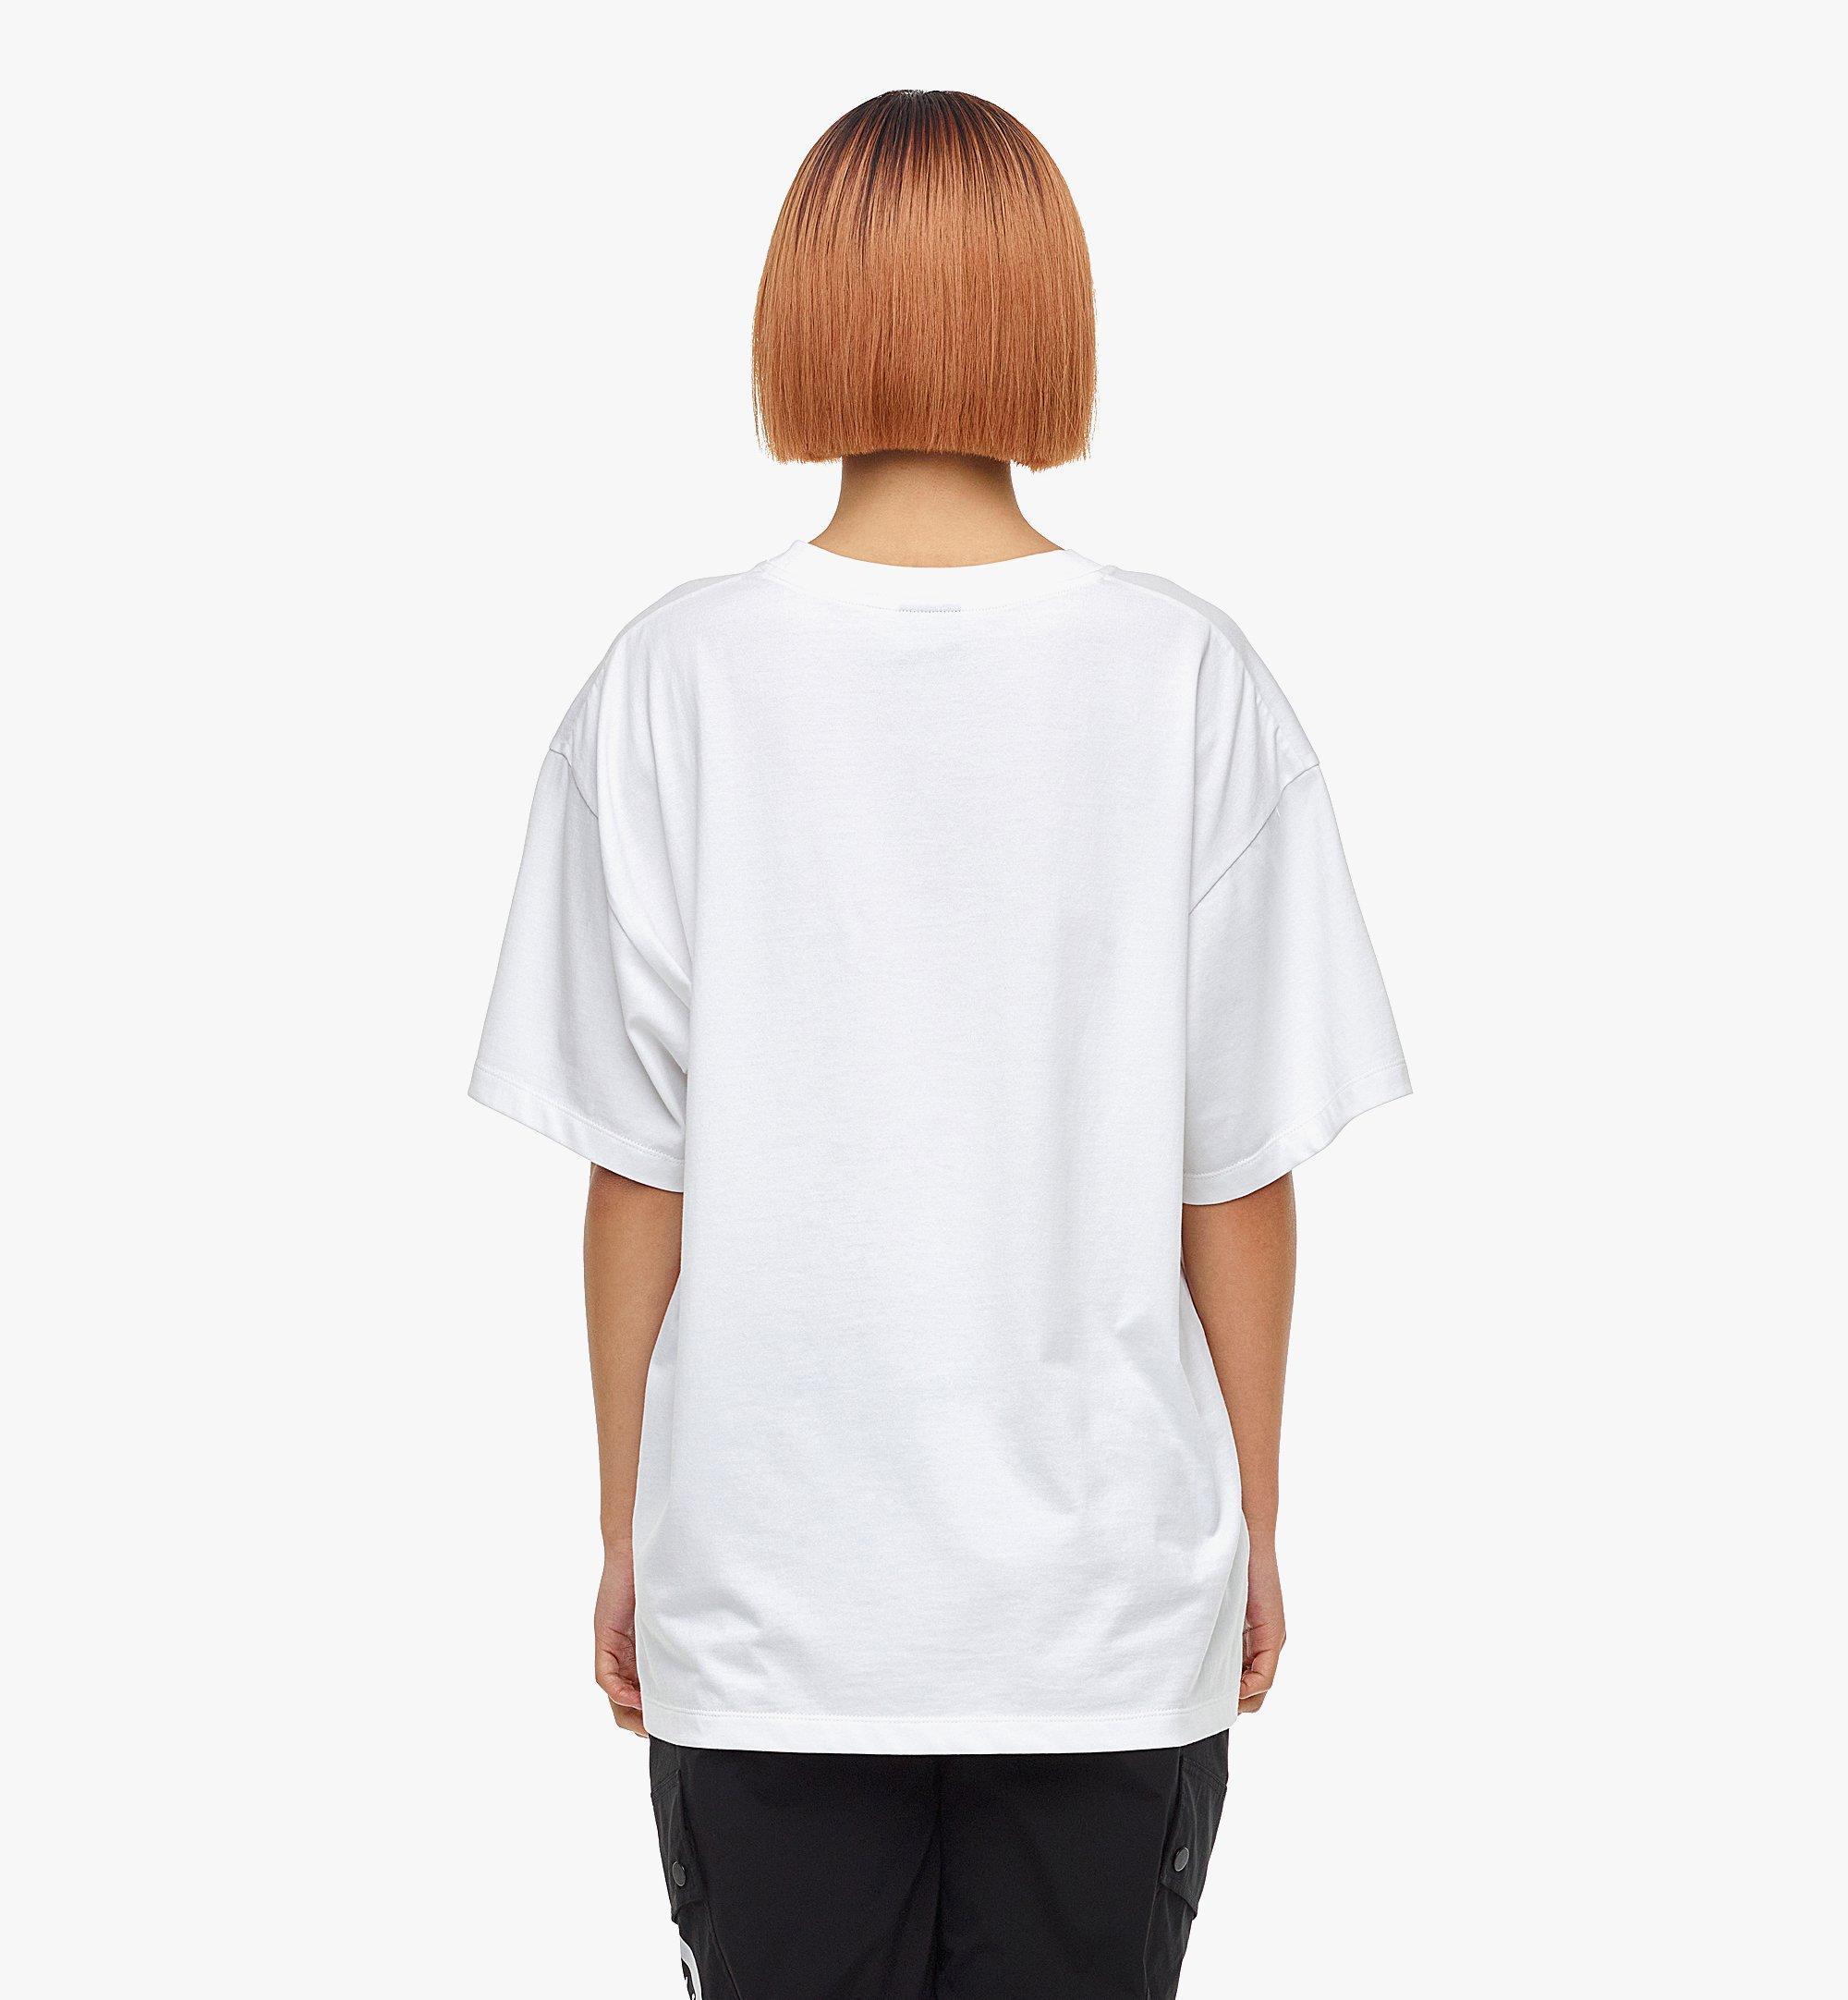 MCM MCM x SAMBYPEN T-Shirt mit gedrucktem Logo White MHTBASP02WD00M Noch mehr sehen 8